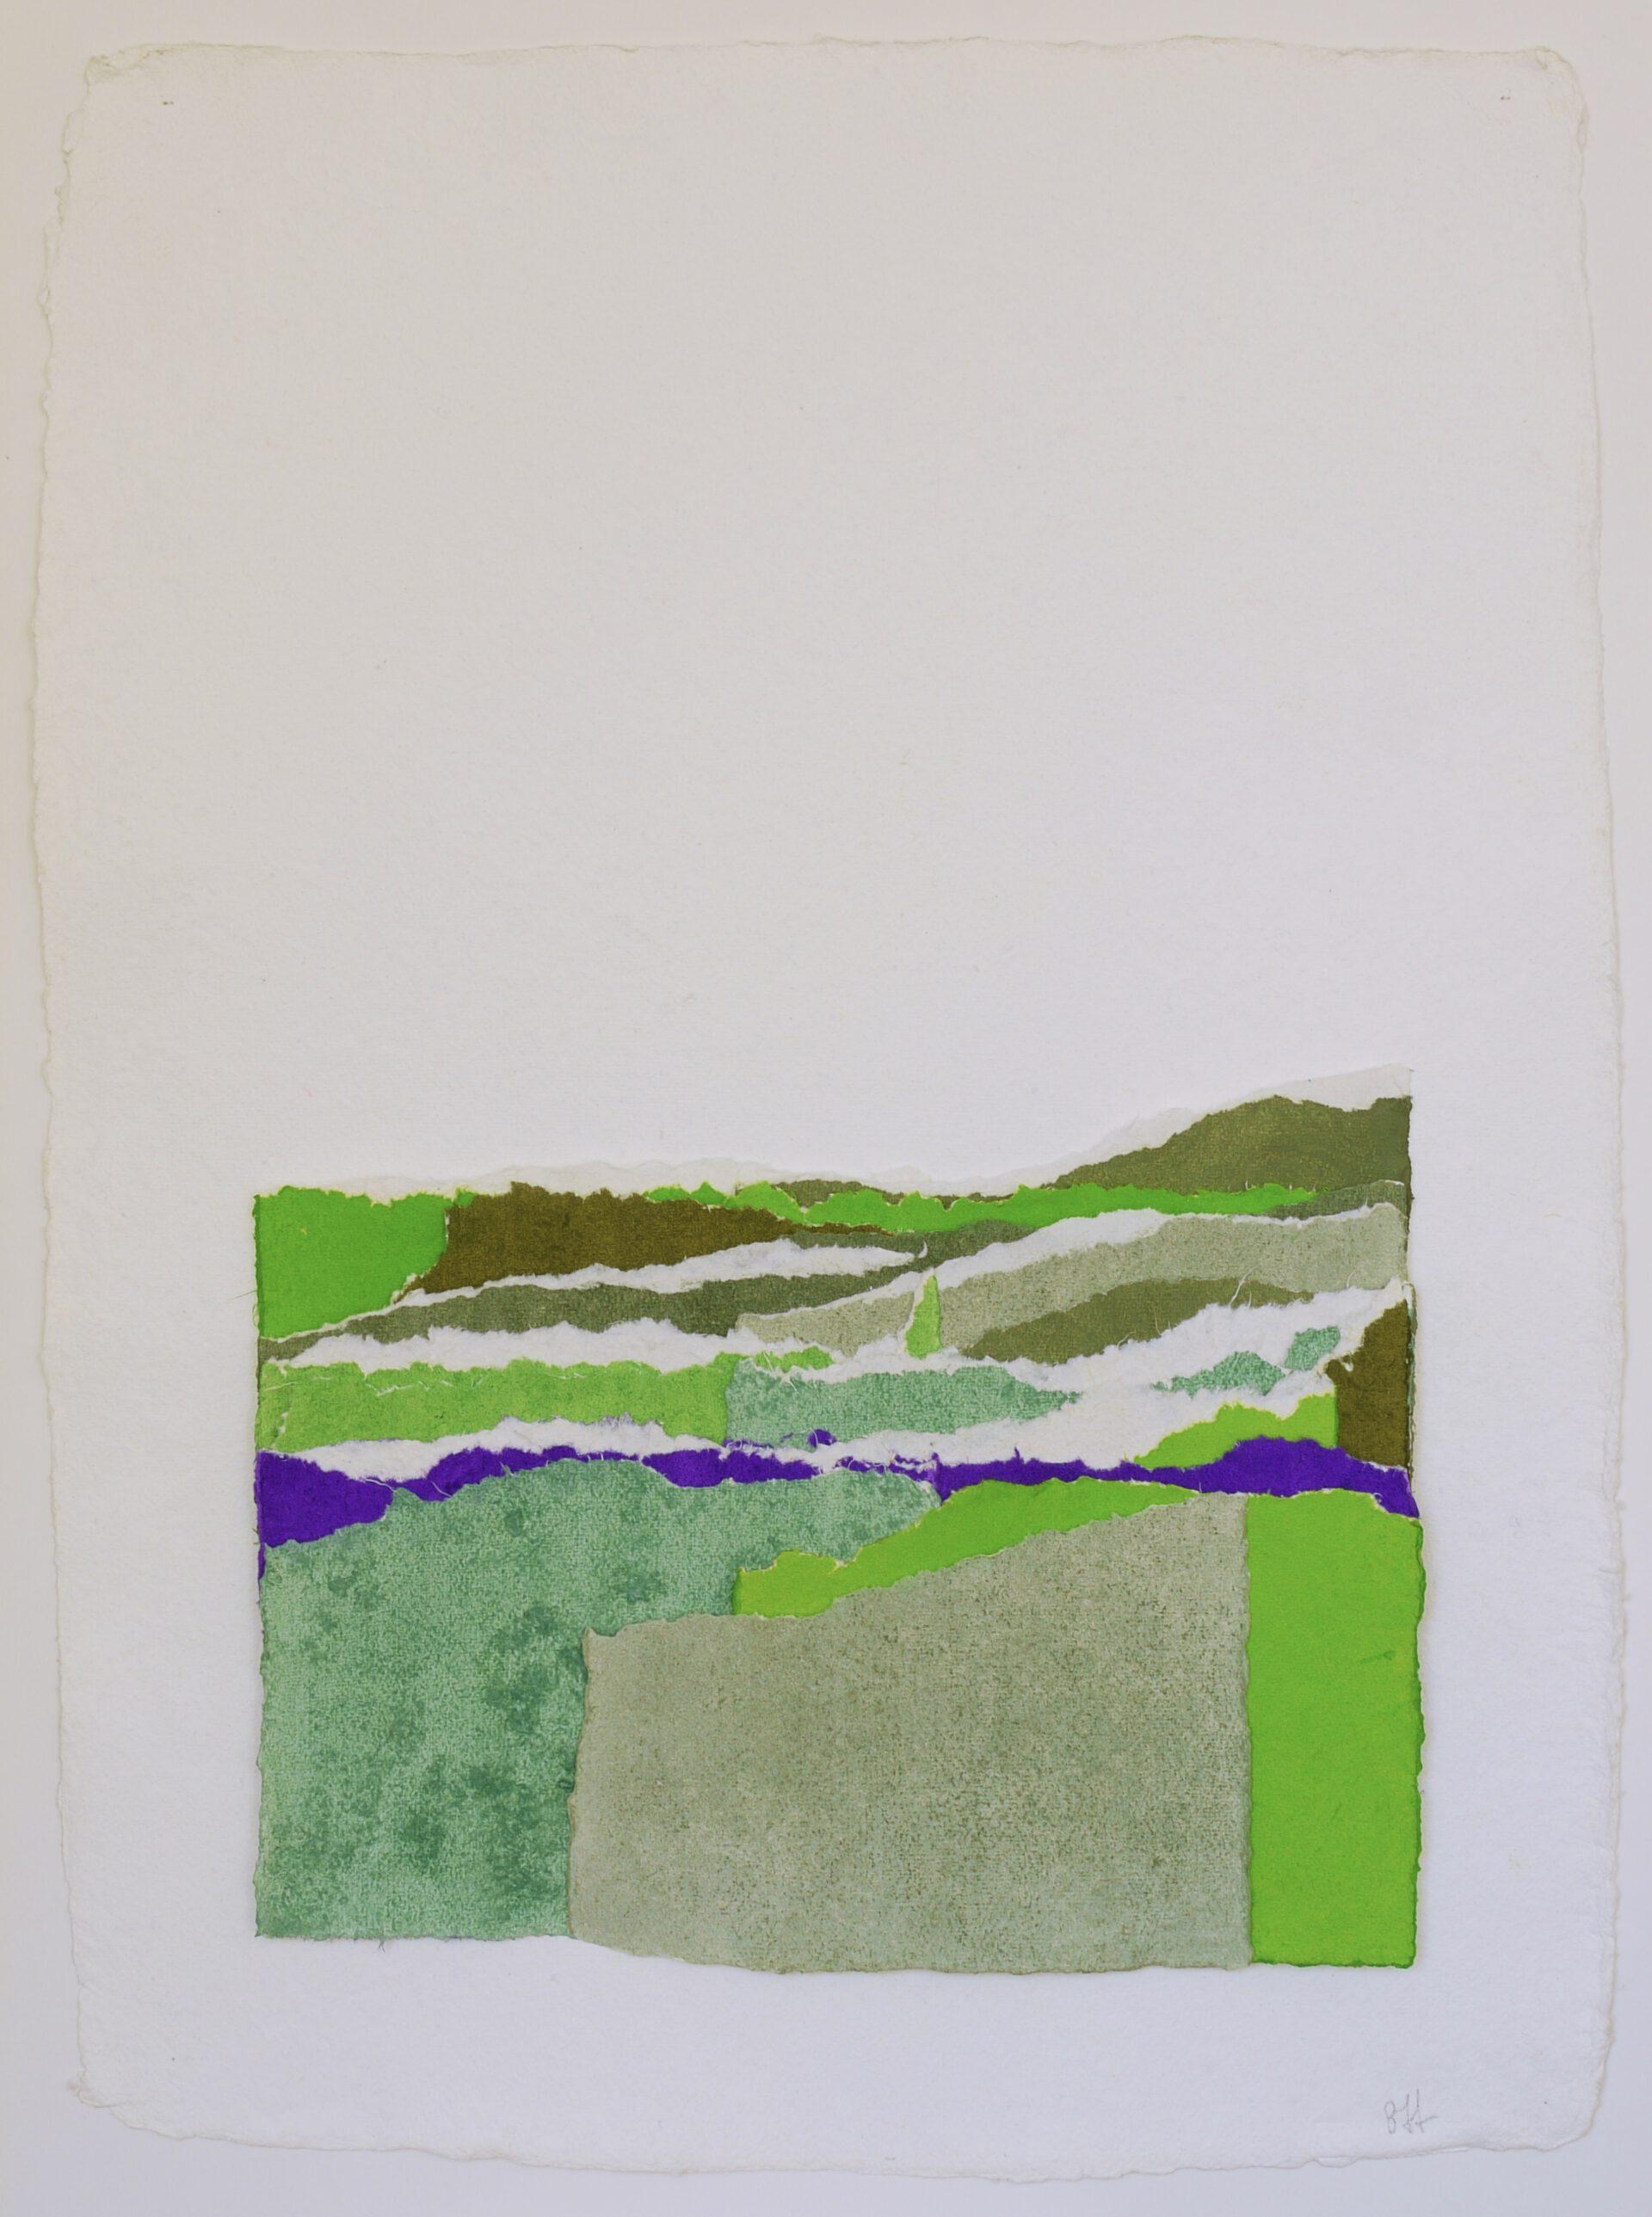 Papel, pigmentos e hilo. 100 x 80 cm.